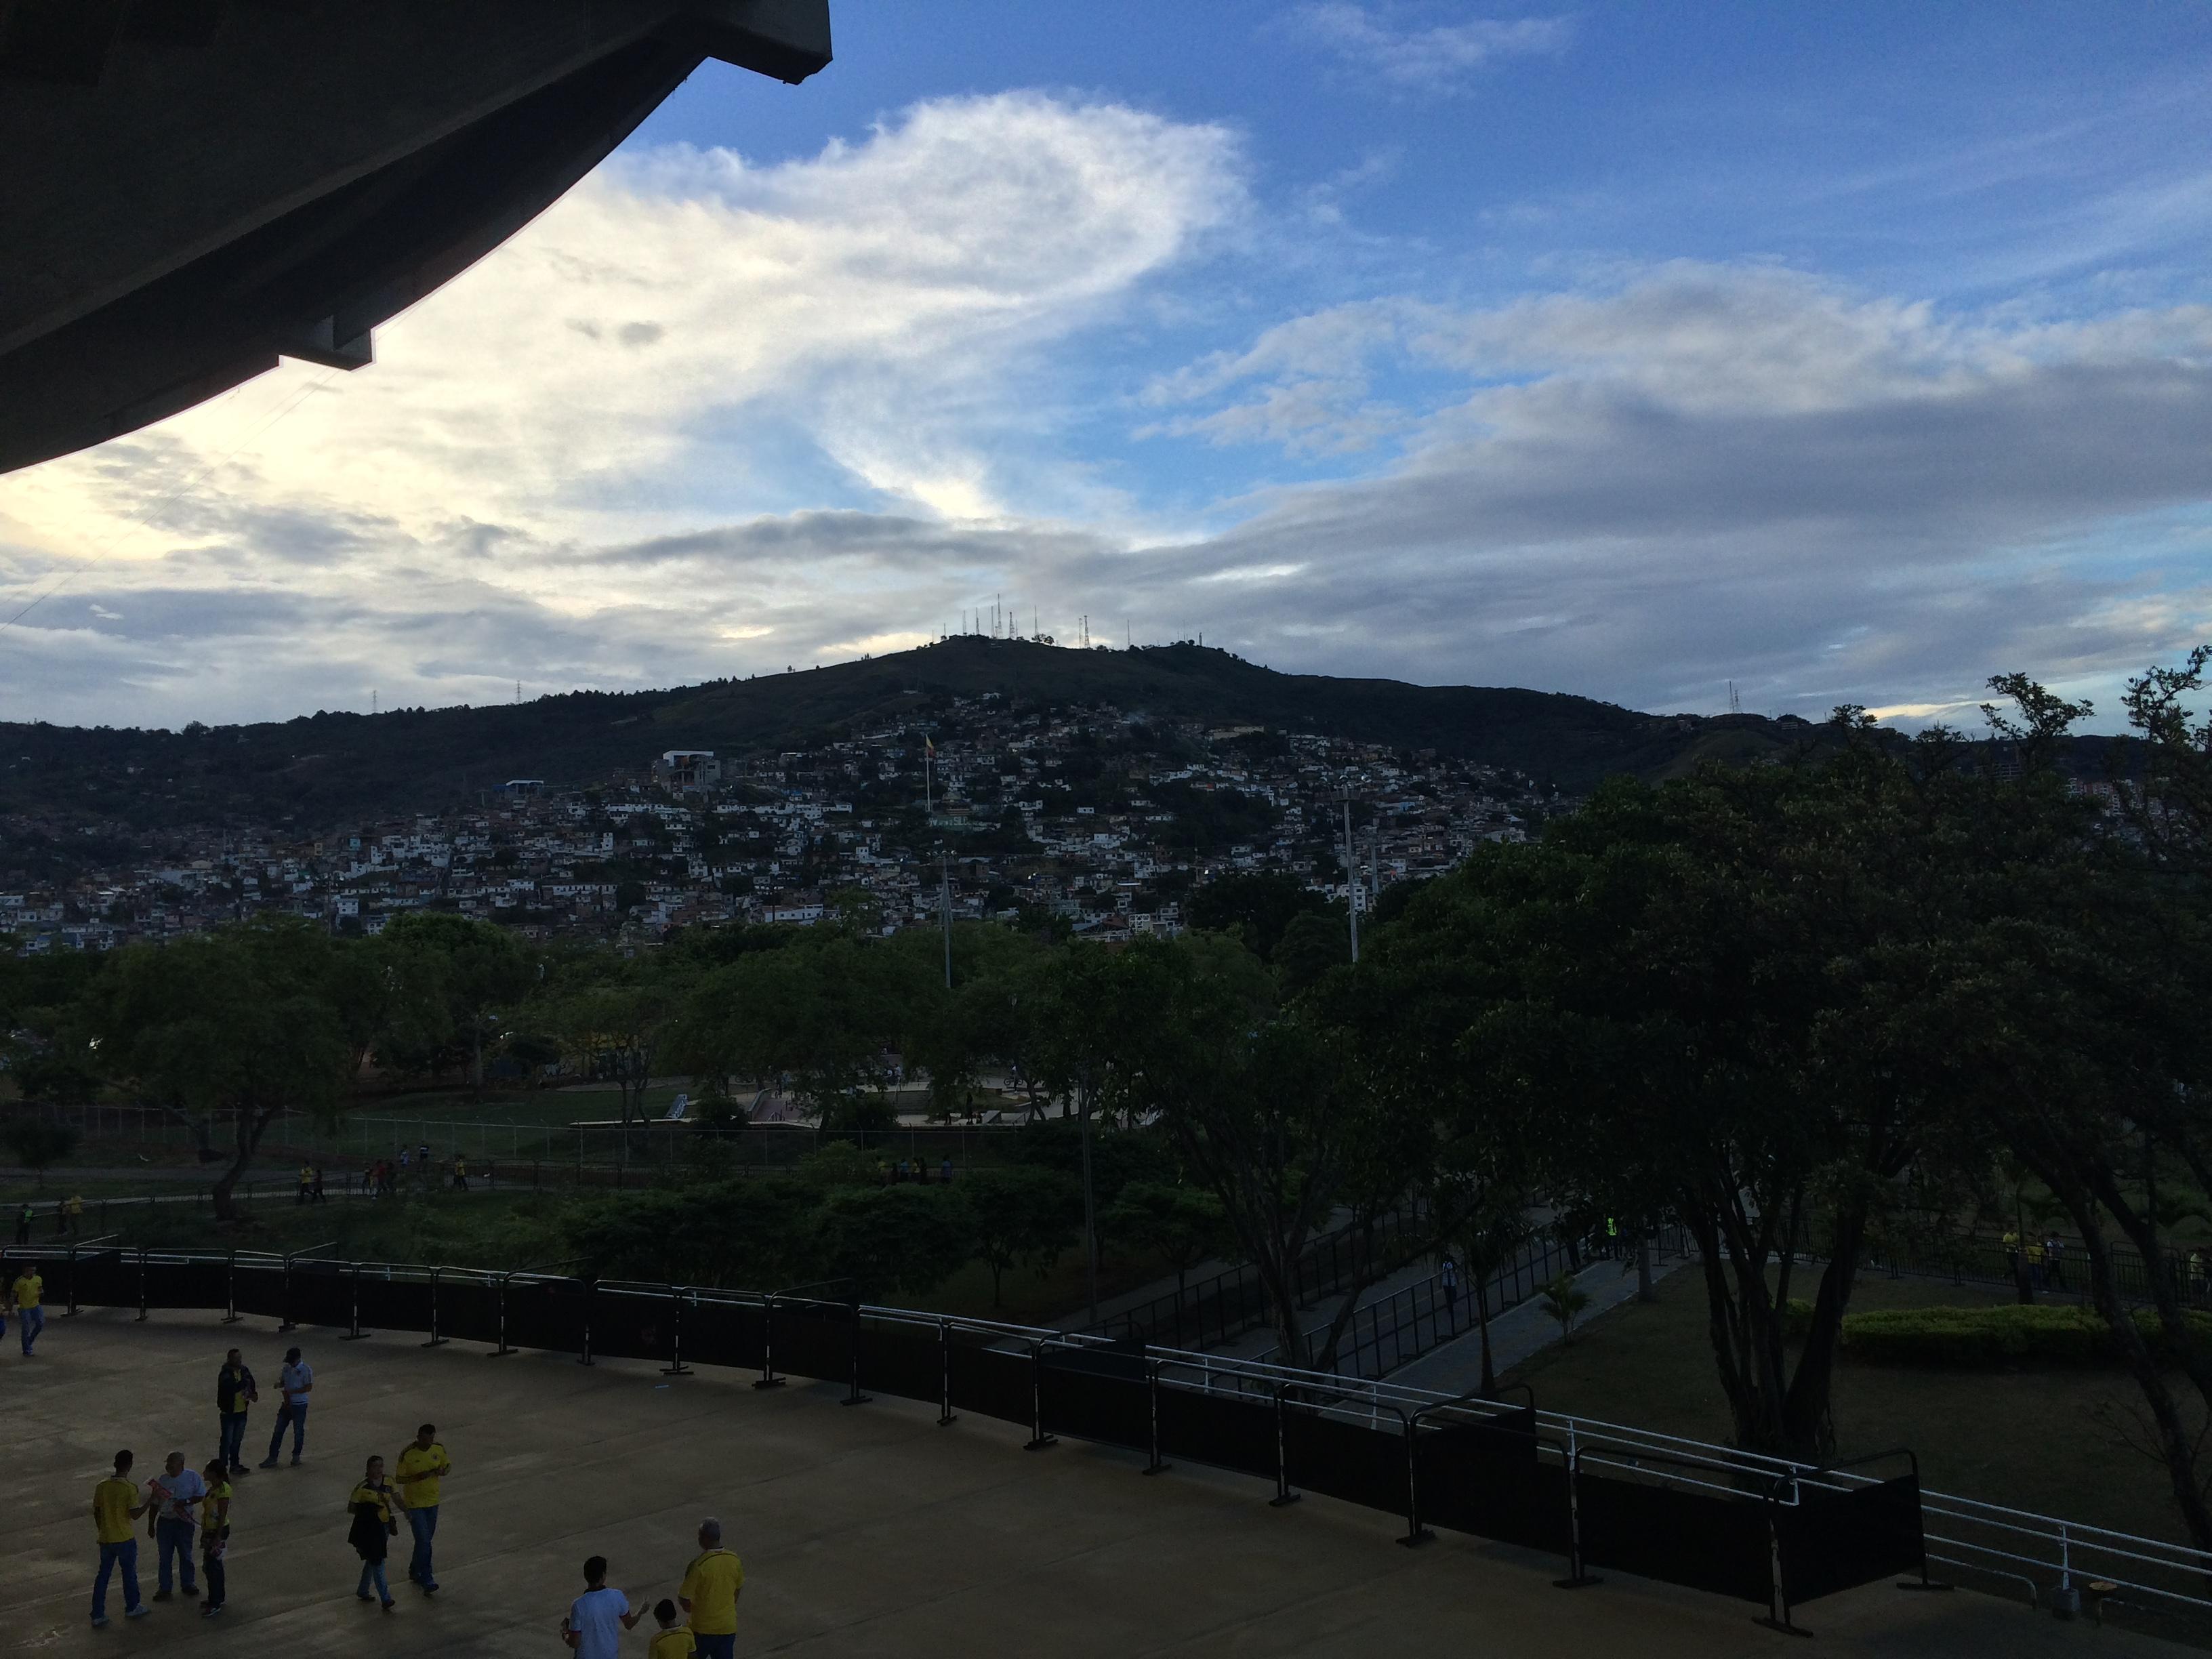 会場の裏にある山に広がるファヴェーラ。